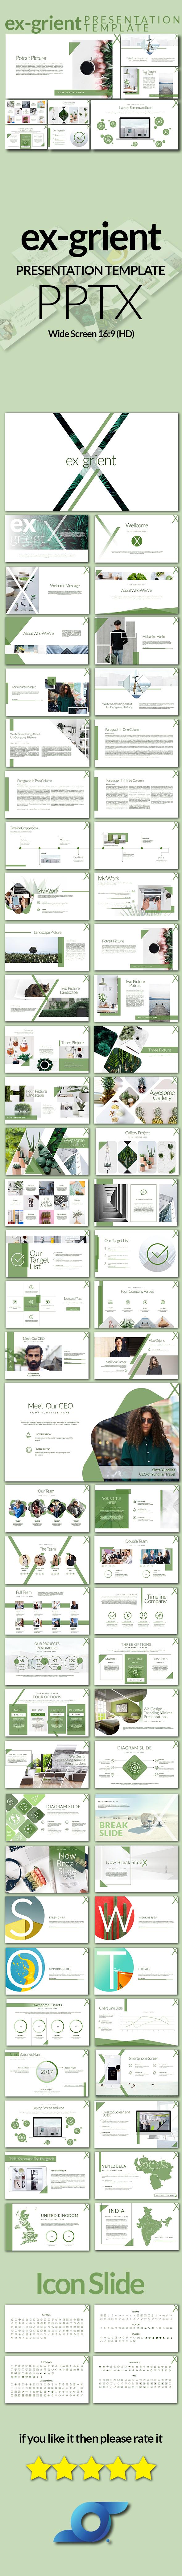 Ex-Grient Minimal Presentation - PowerPoint Templates Presentation Templates